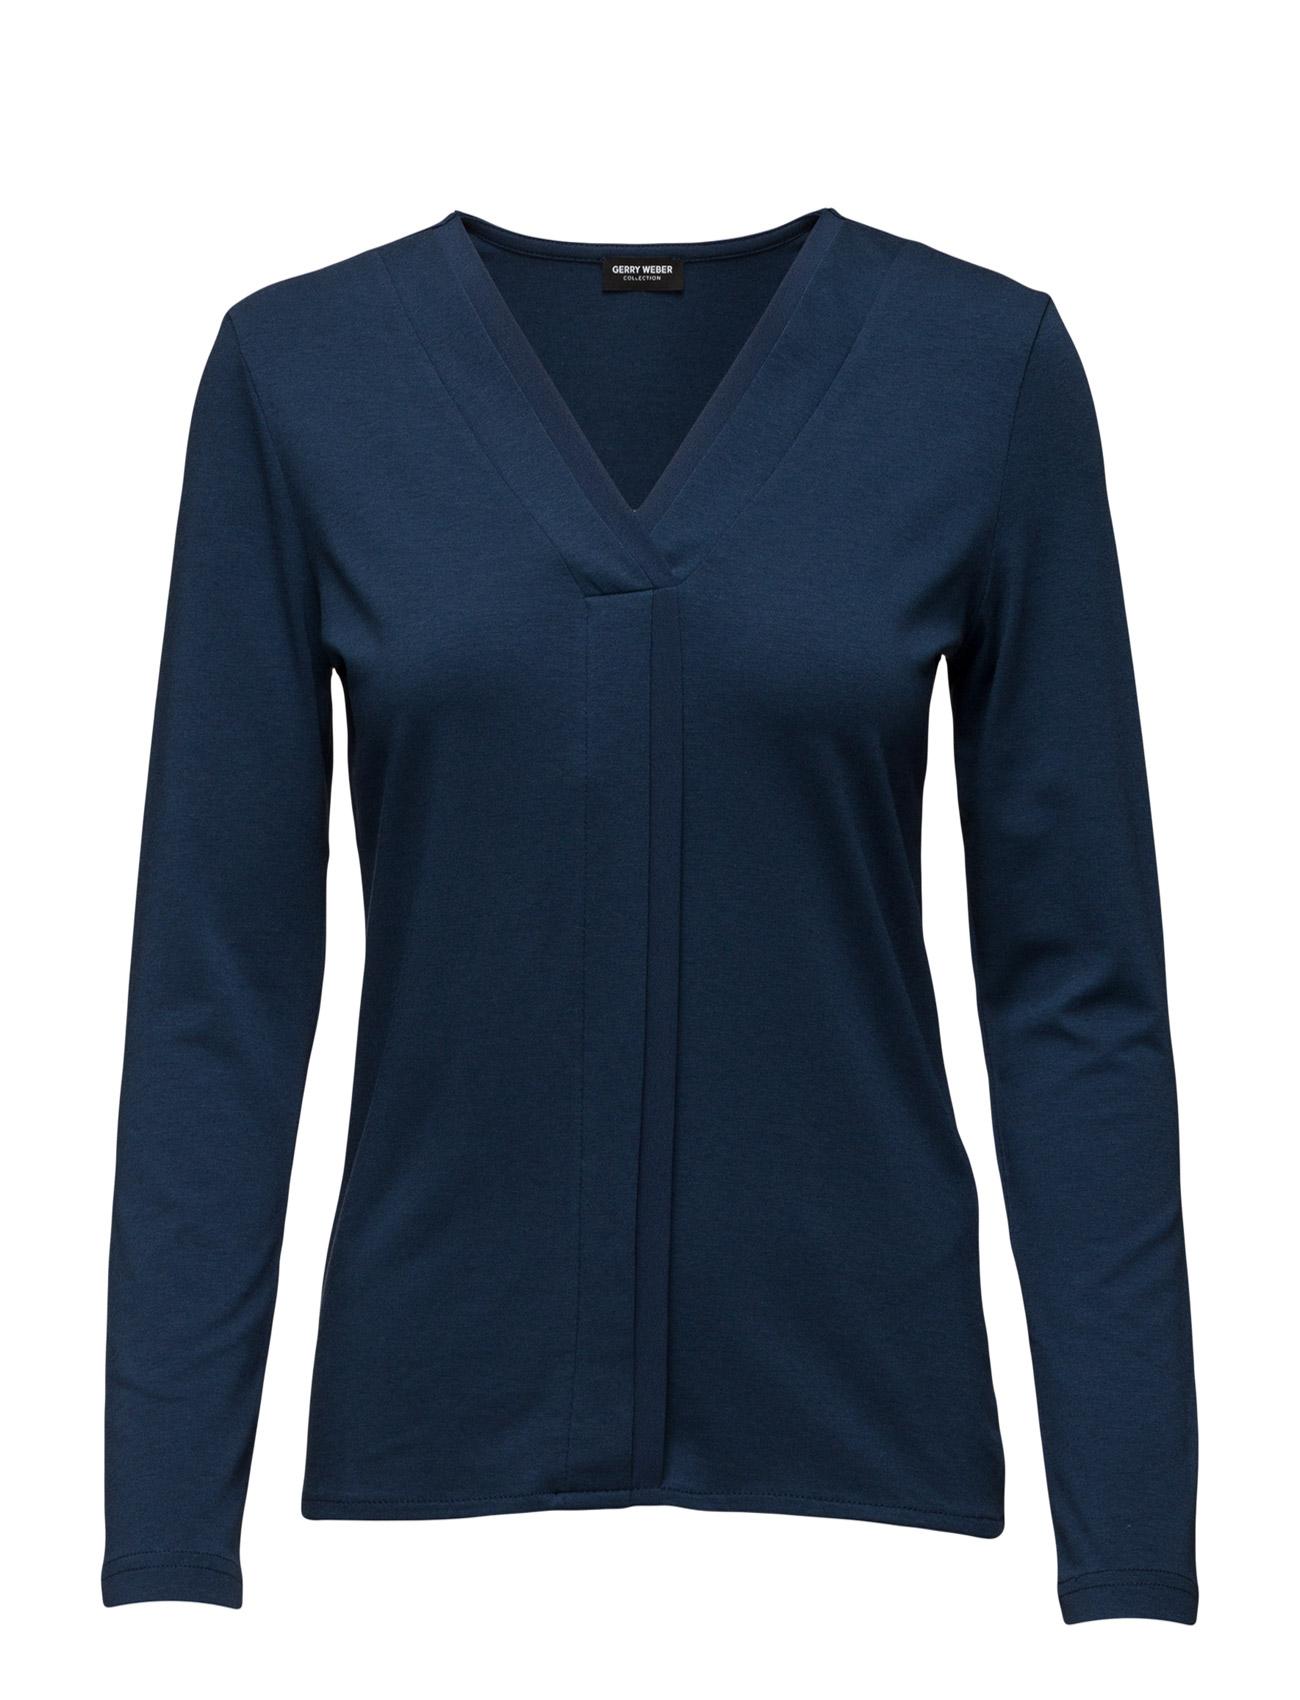 T-Shirt Long-Sleeve Gerry Weber Langærmede til Damer i Cobalt